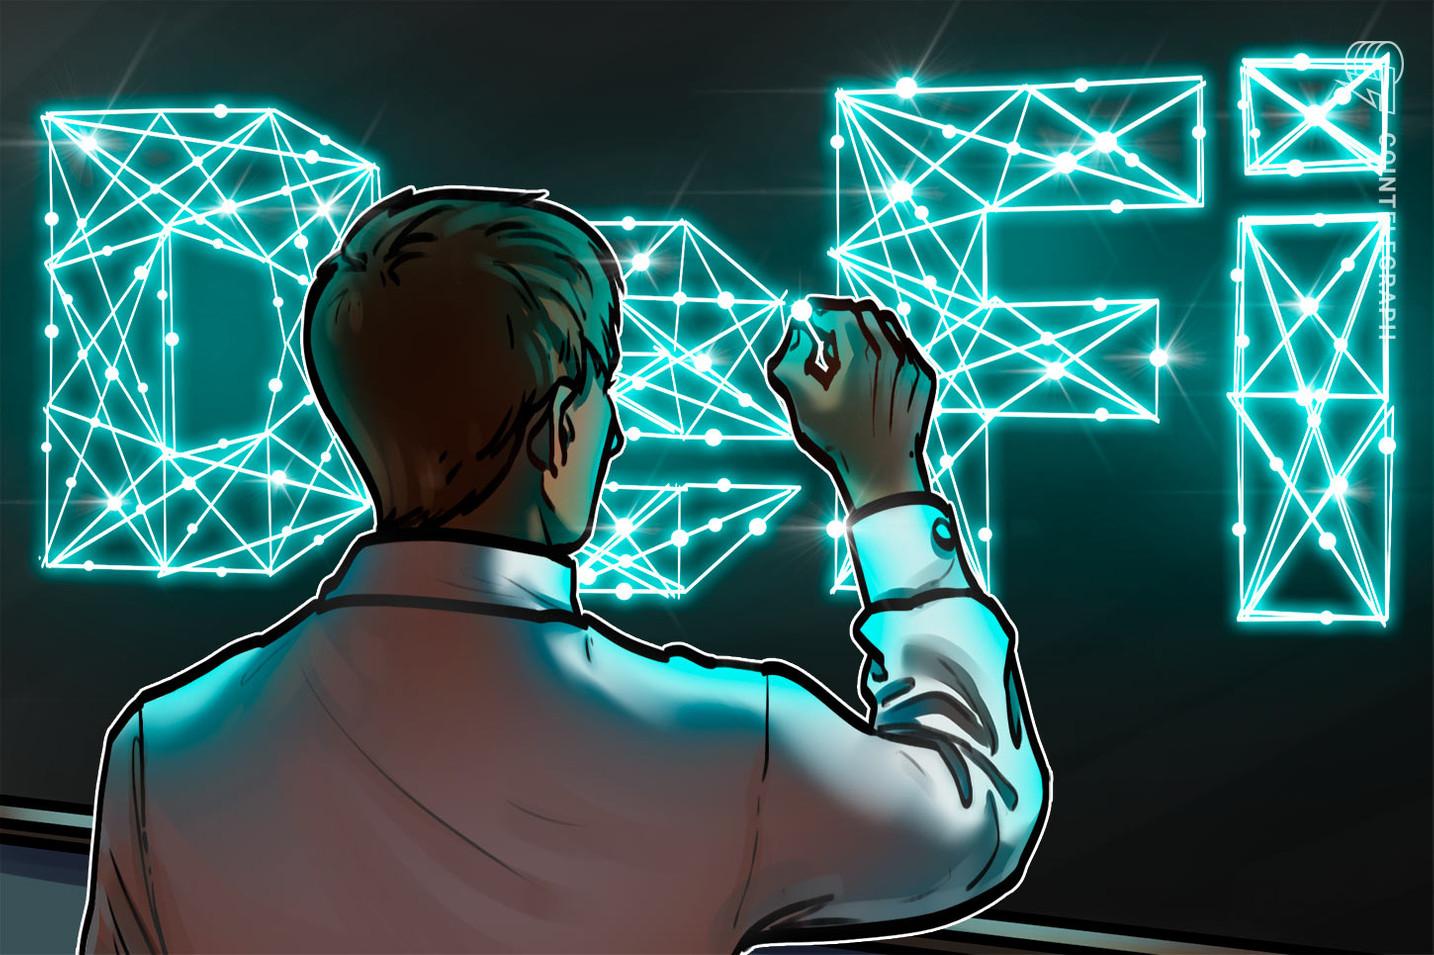 Goldman Sachi uus 'DeFi' ETF on kõike muud